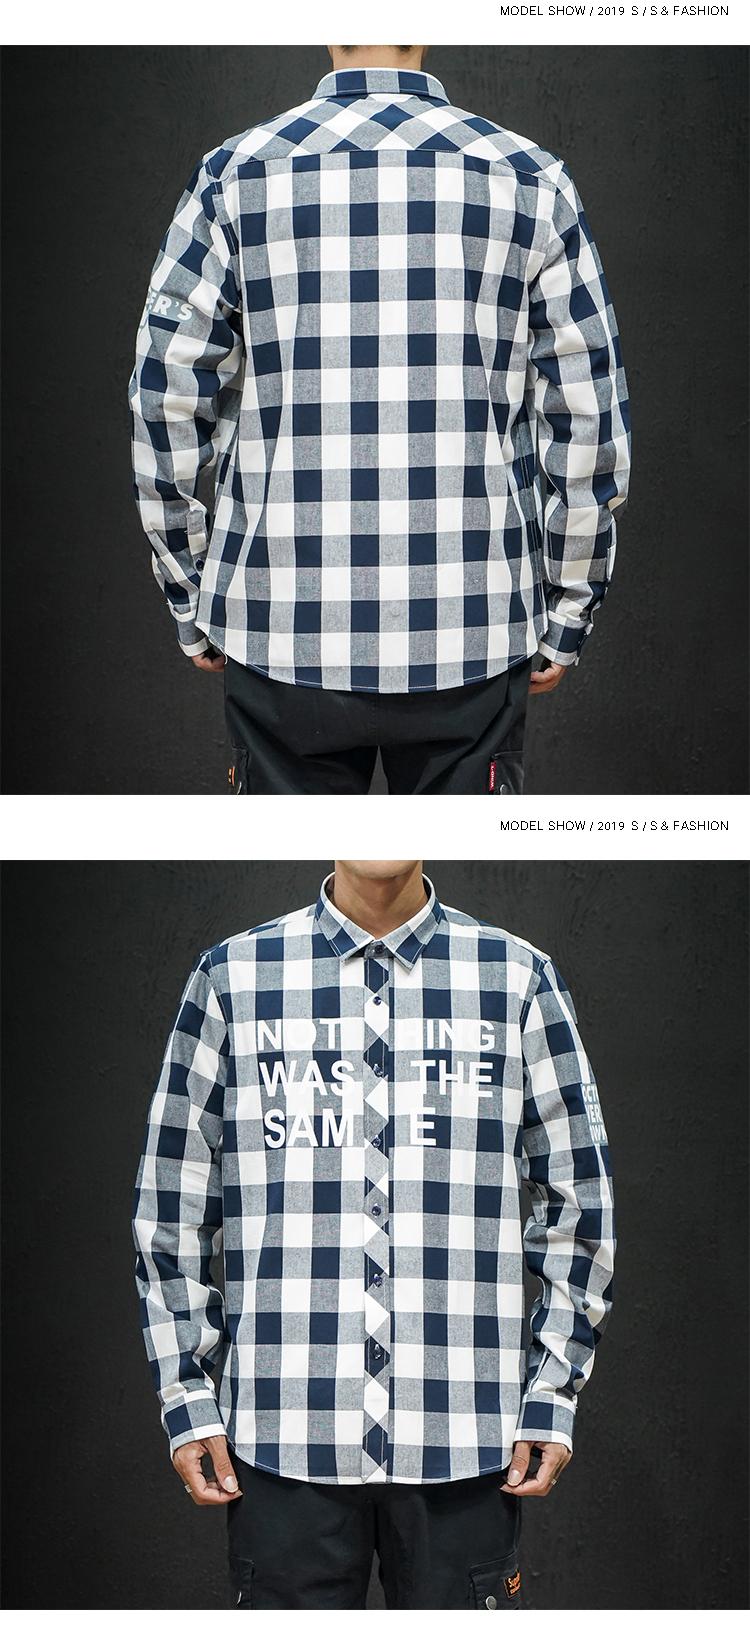 男士潮流长袖衬衫衬衣时尚格子修身228-CS71-P30